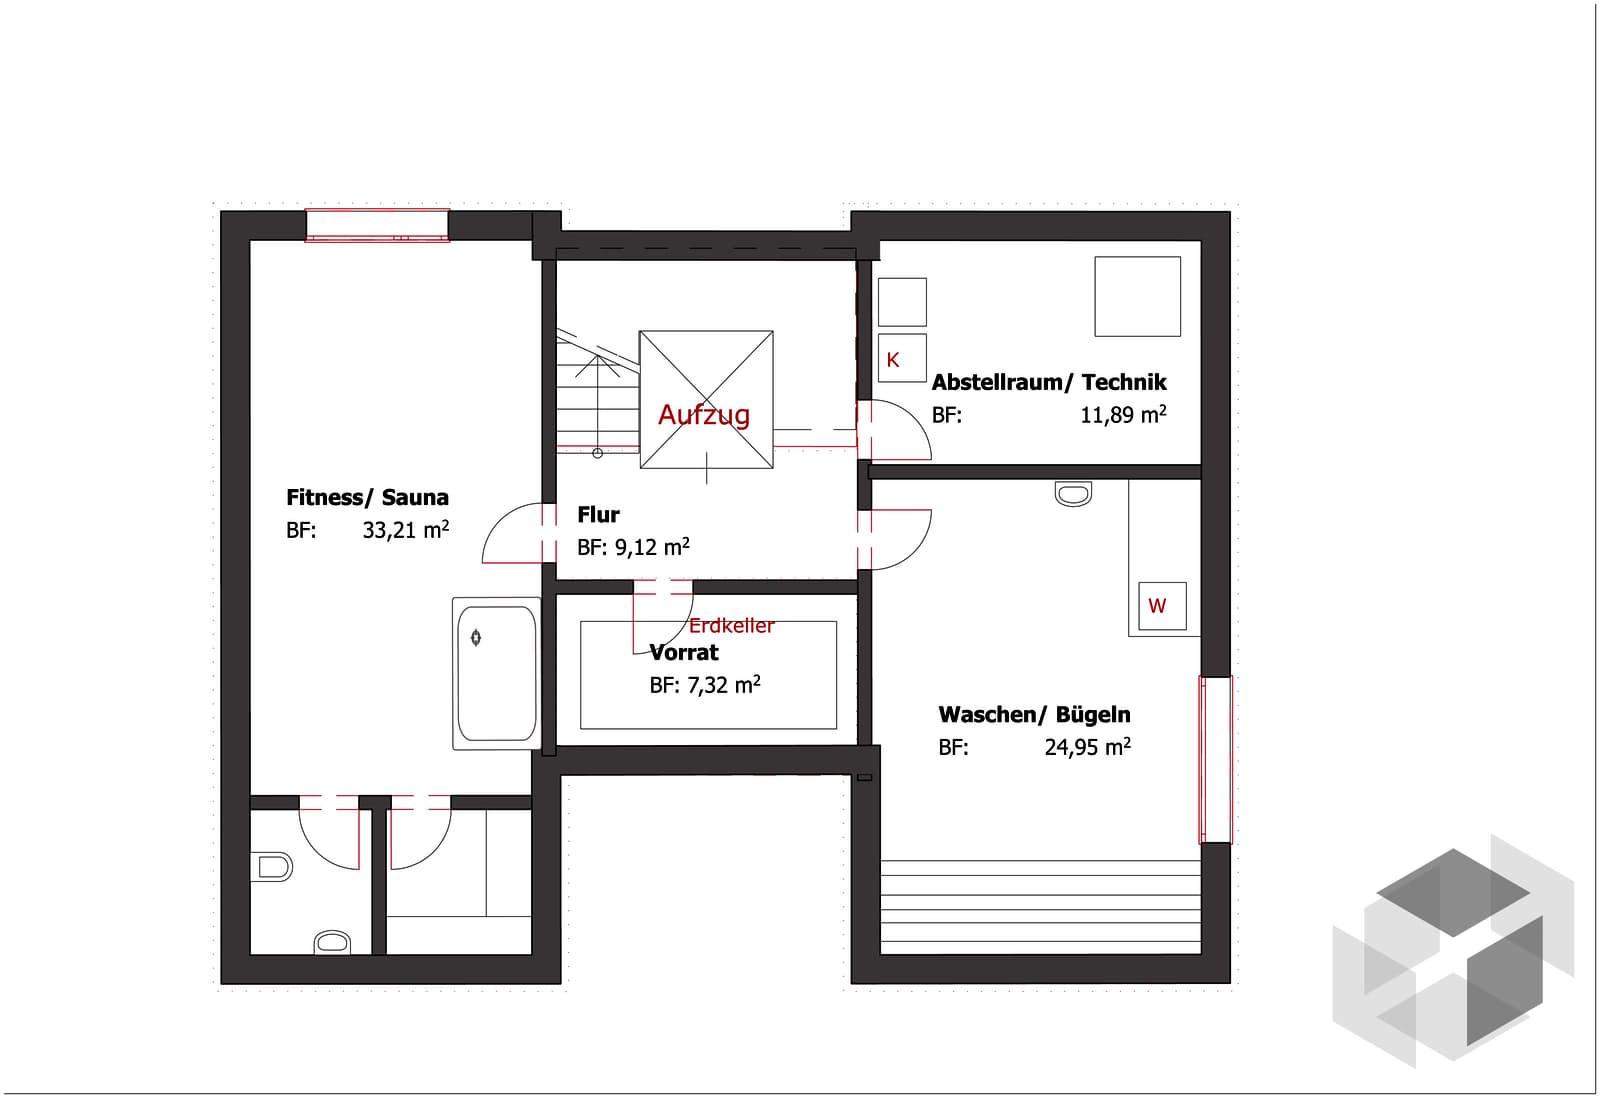 westfalen von becker 360 komplette daten bersicht. Black Bedroom Furniture Sets. Home Design Ideas